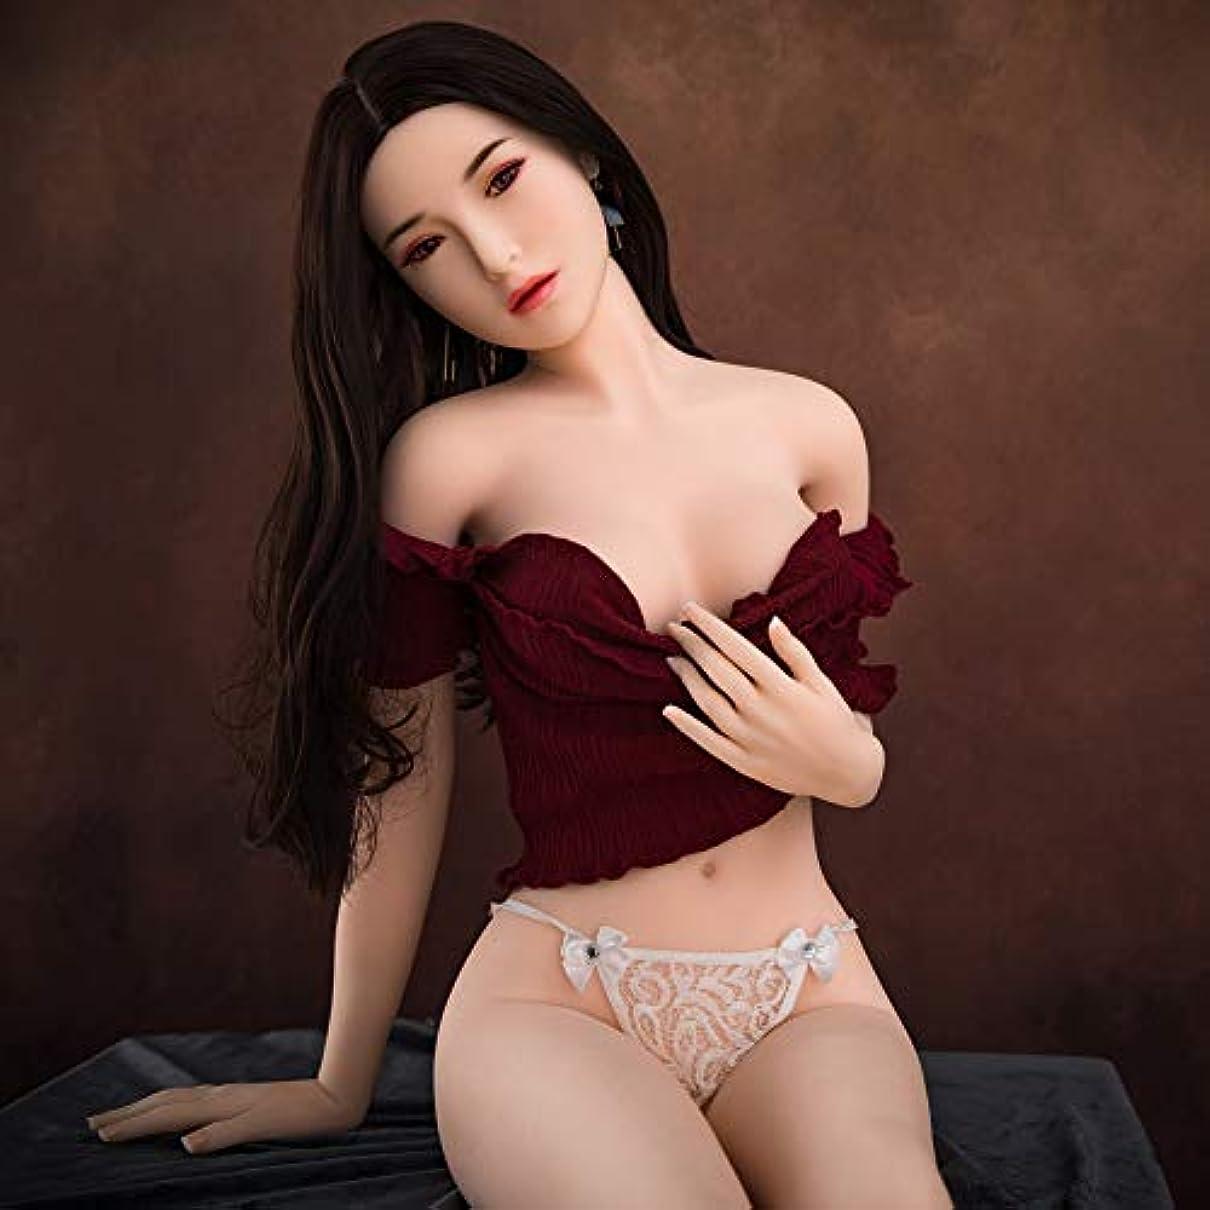 毛布資産ポスターCgynmo 素晴らしいボディ - あなたに優しい愛を与えます - 3D人形 - メンズユニバーサルマッサージャー